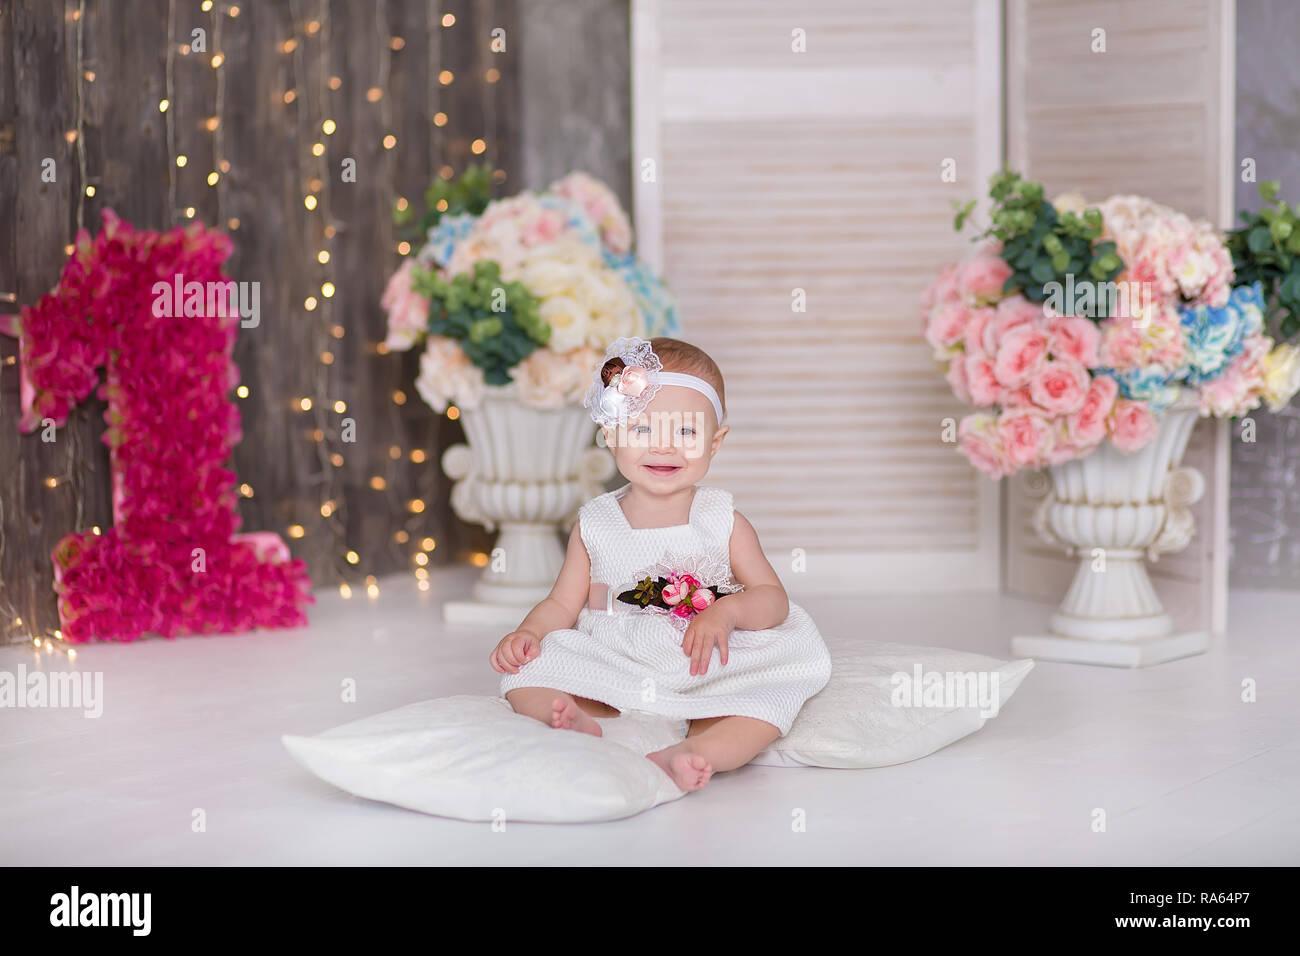 Lindo Bebe Nina 1 2 Anos Sentados En El Suelo Con Los Globos En La